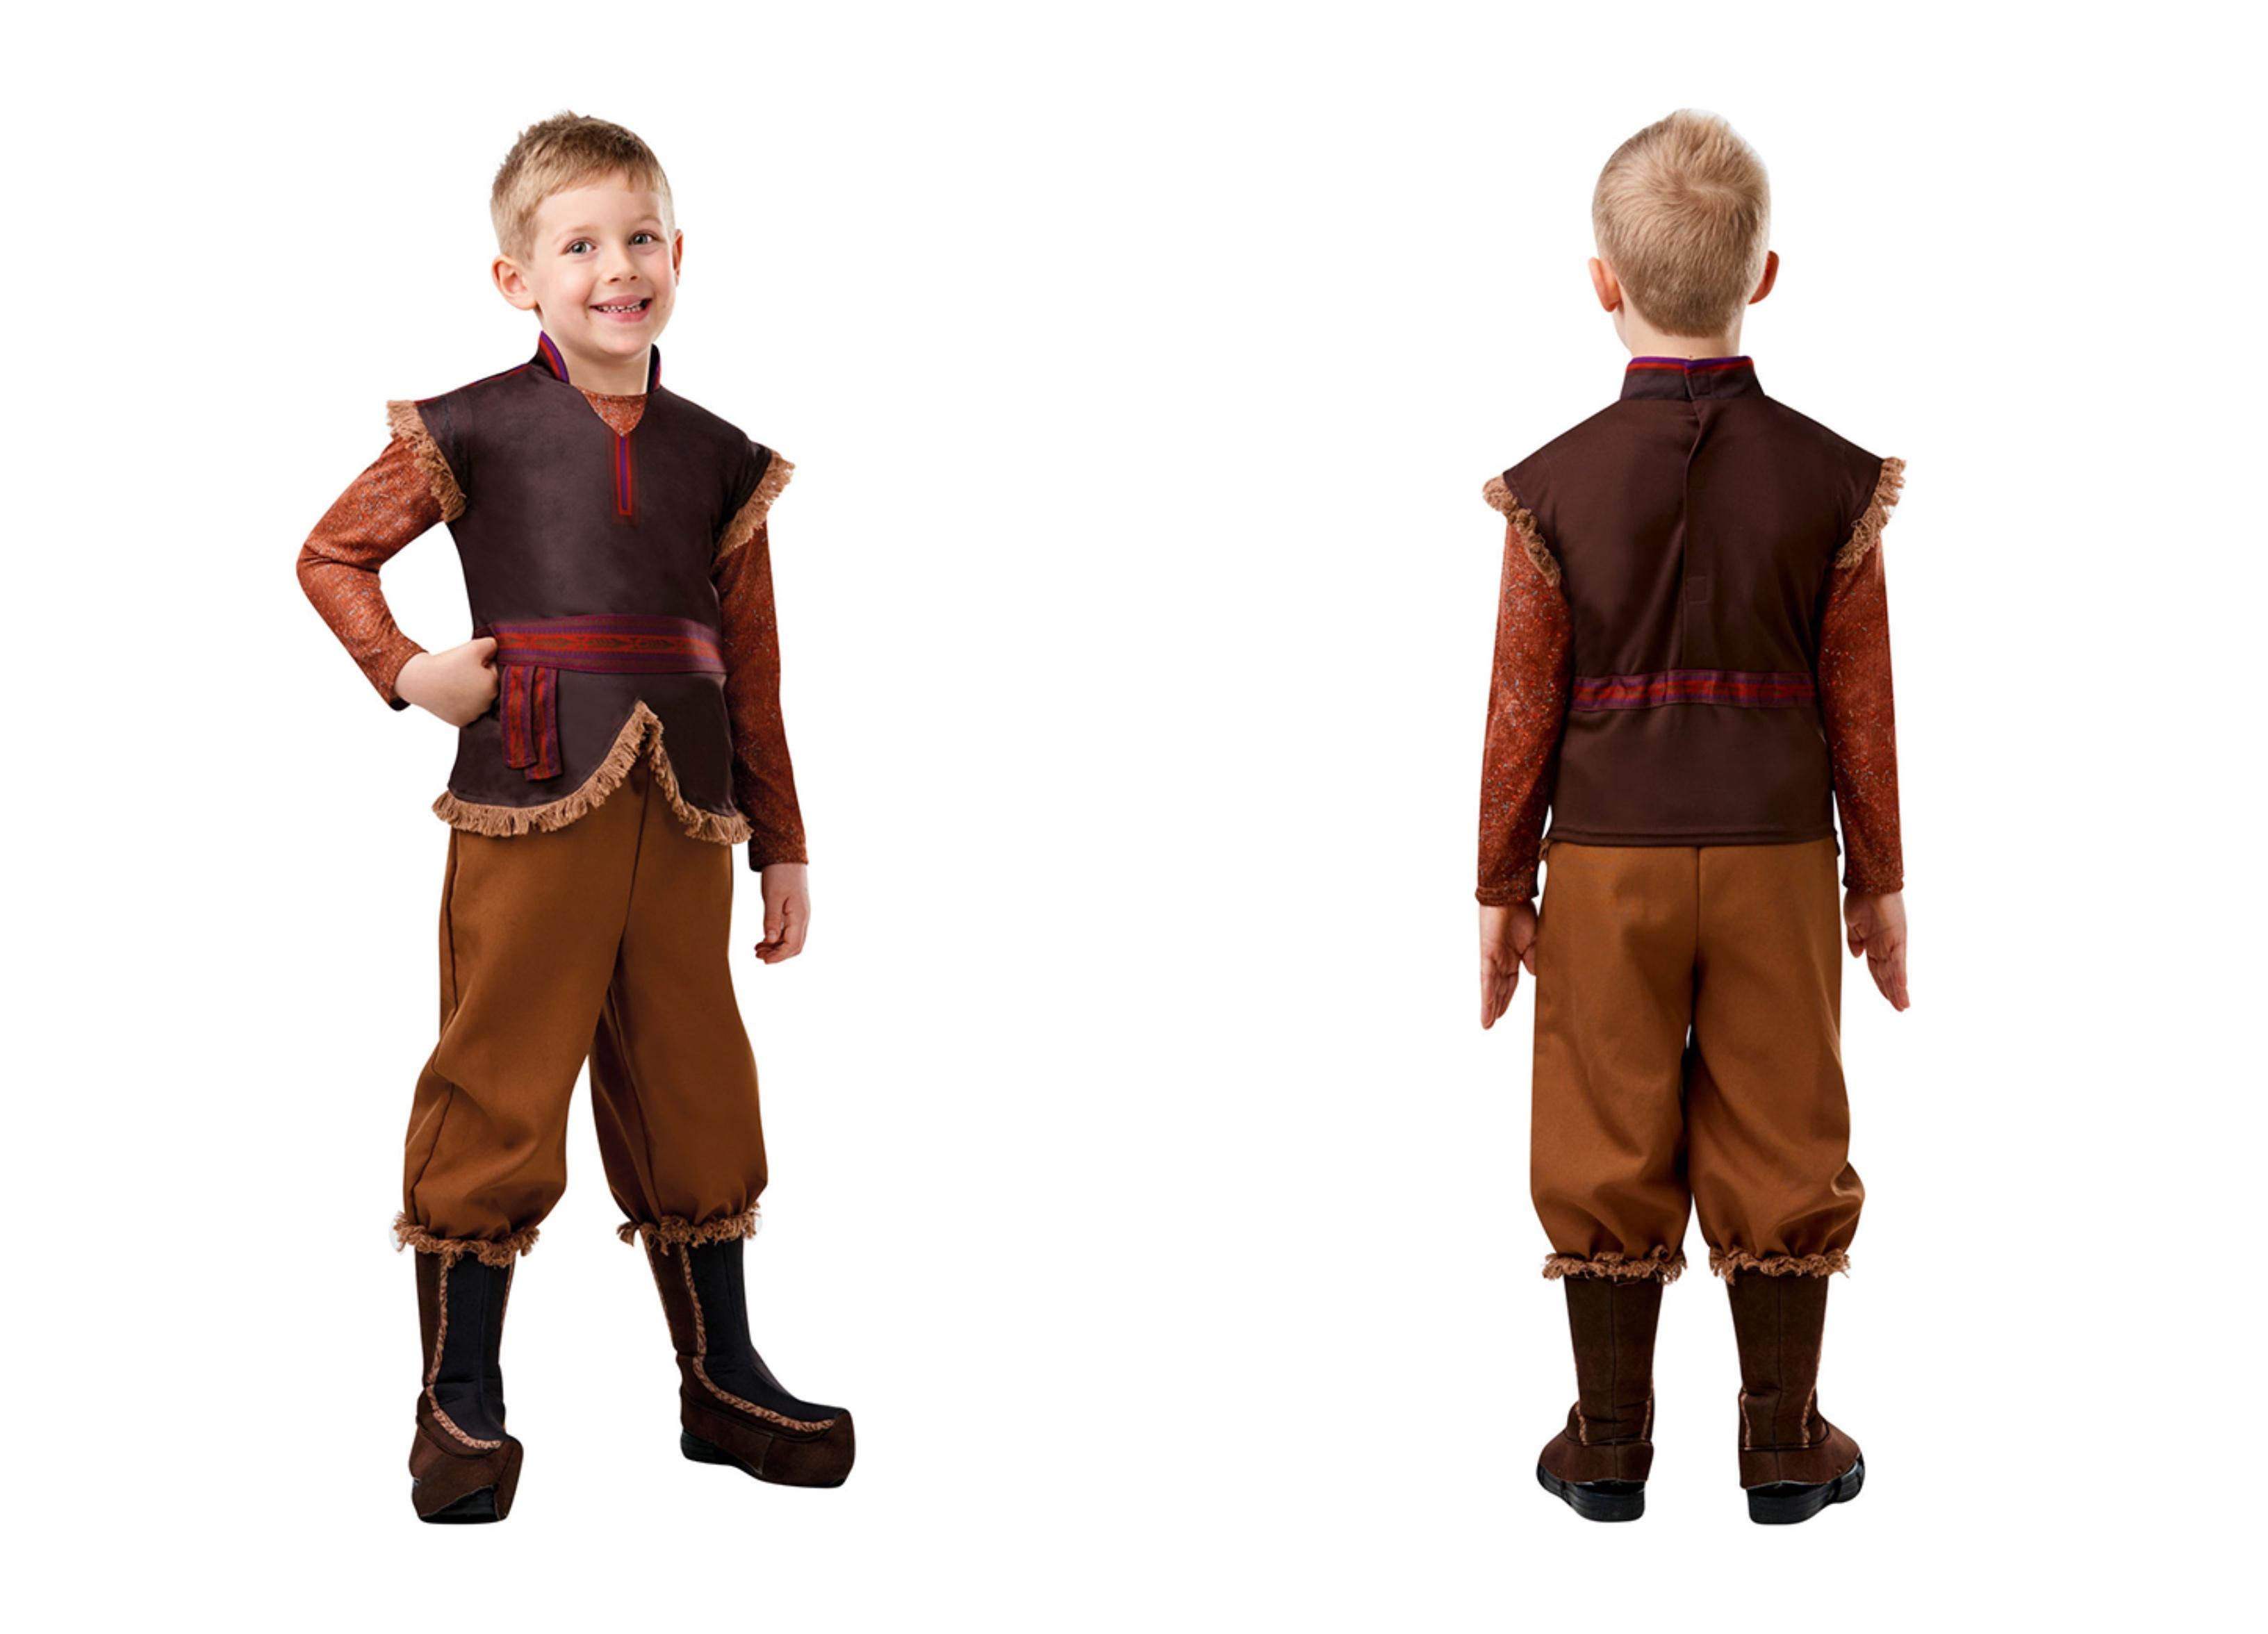 Frost 2 kristoffer kostume til børn - Frost 2 børnekostumer